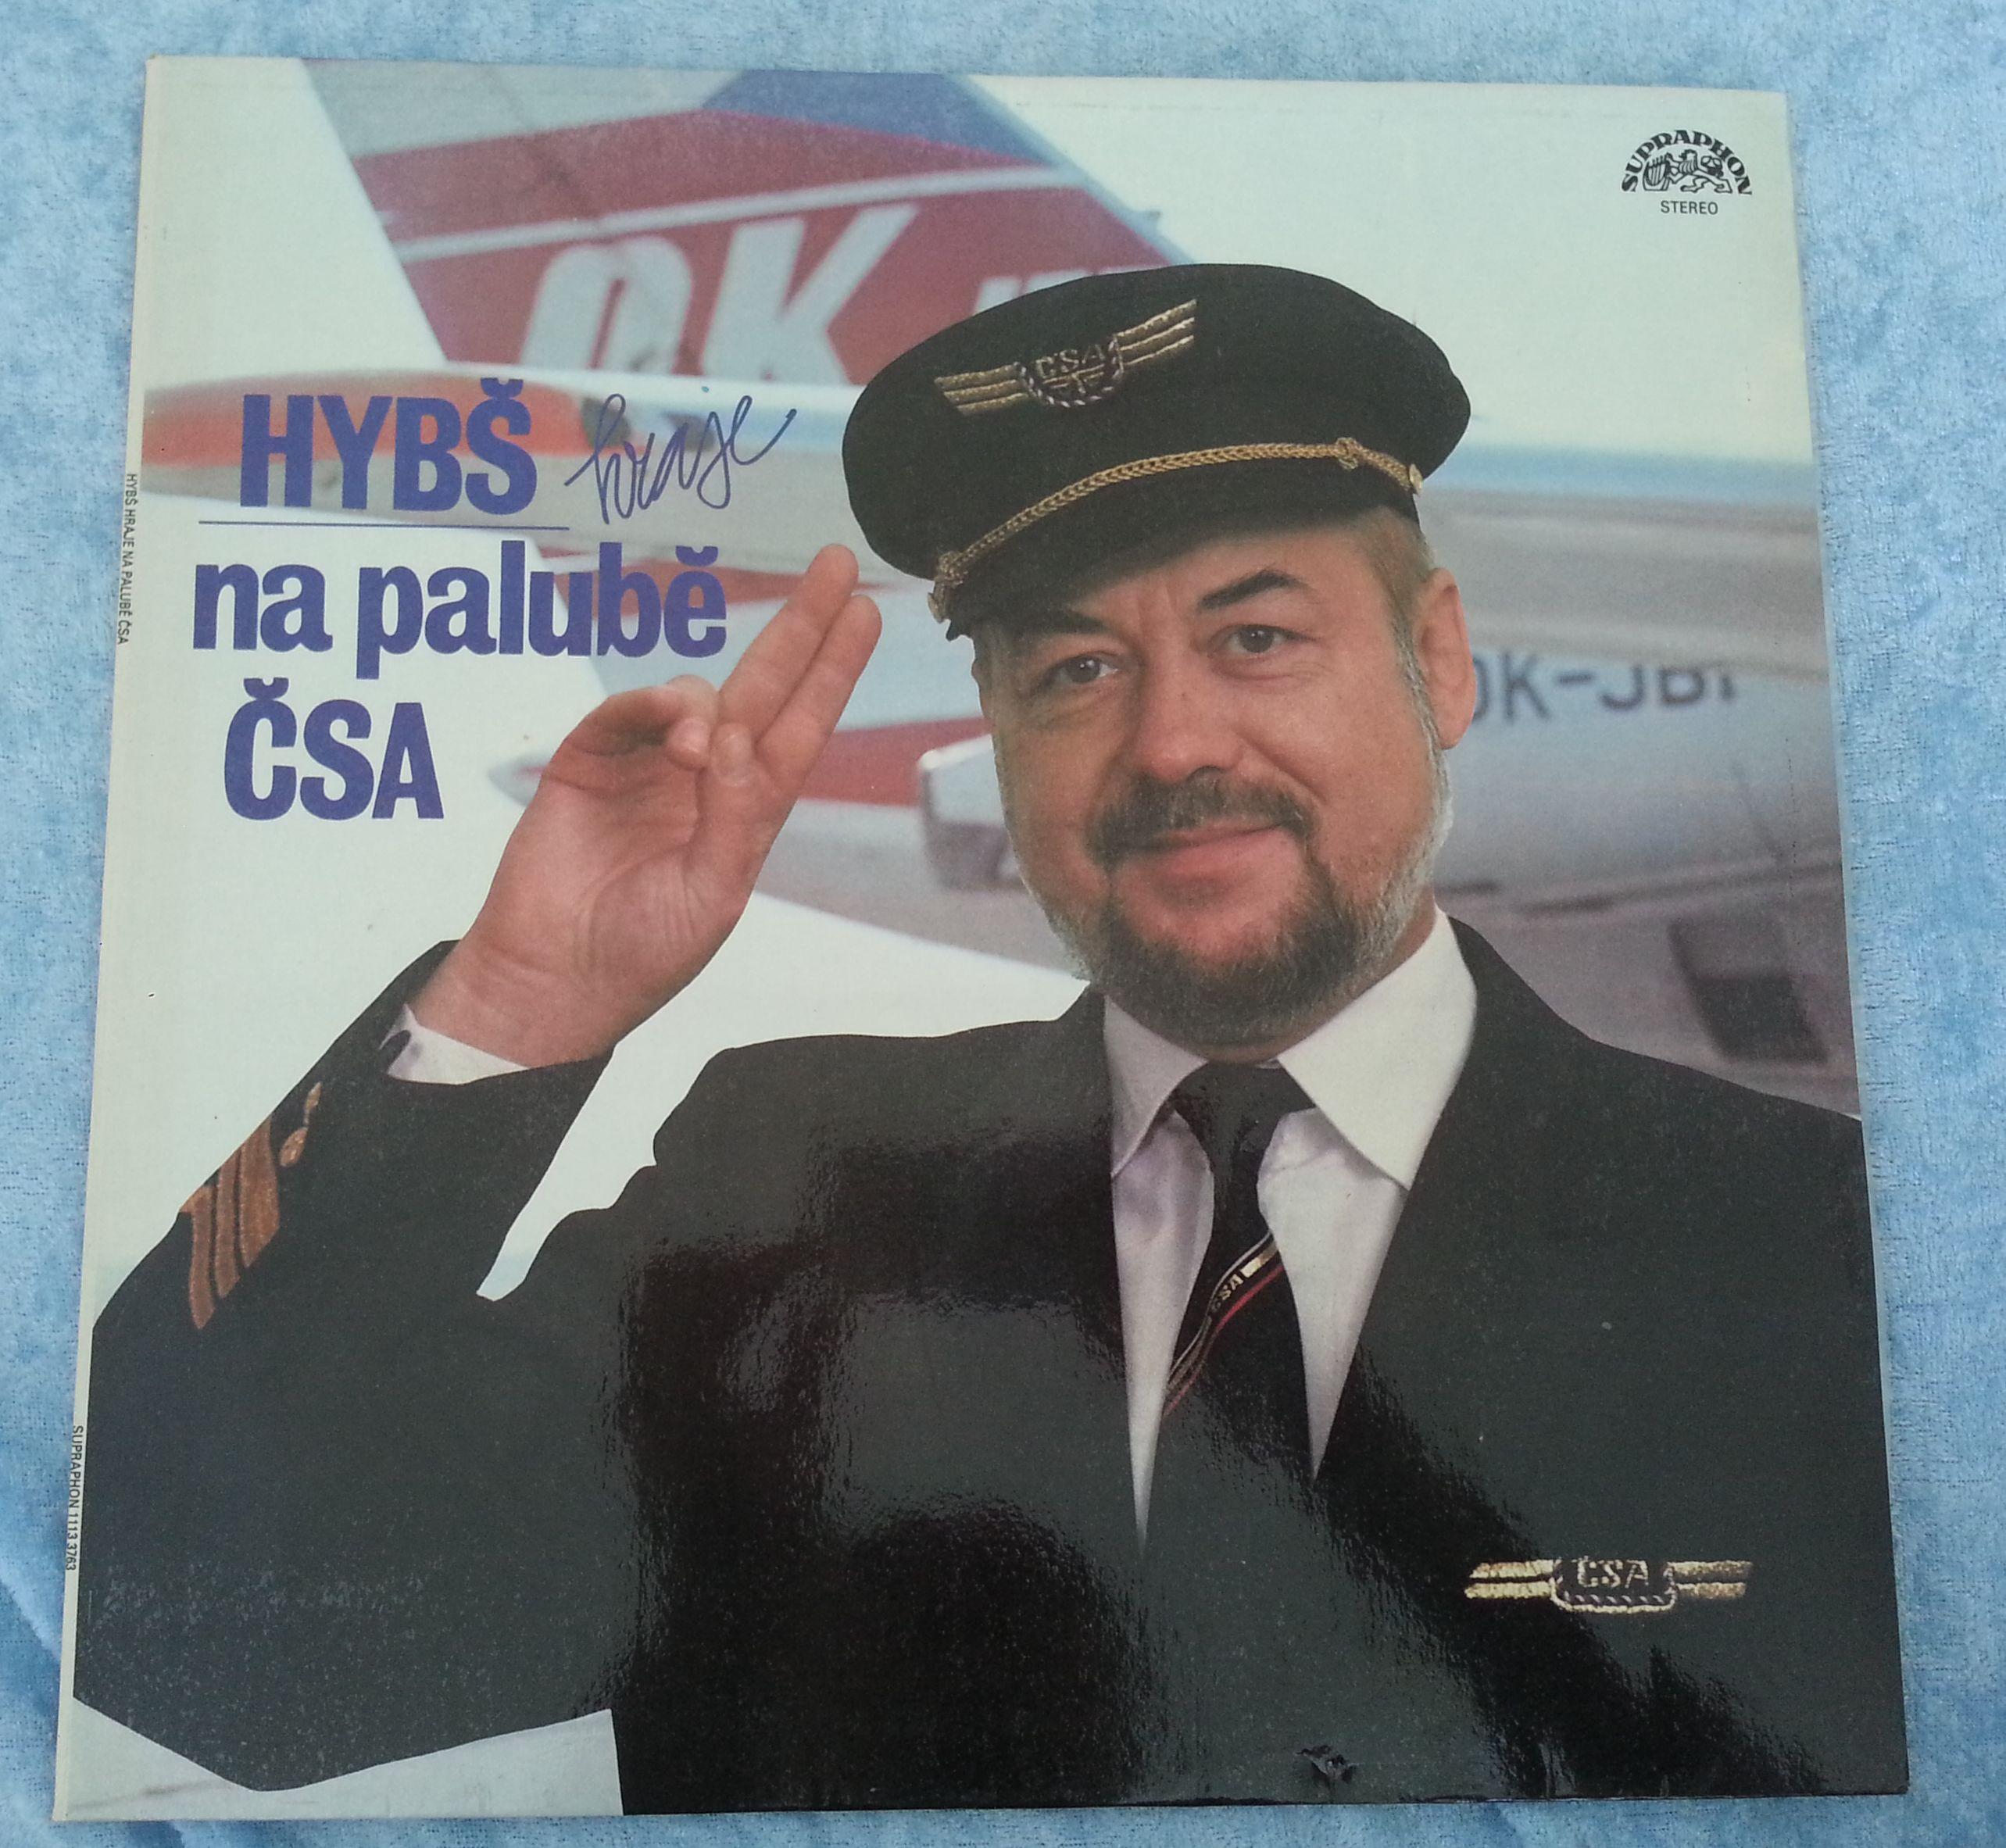 Hybš hraje na palubě ČSA - Václav Hybš se svým sborem (gramodeska)